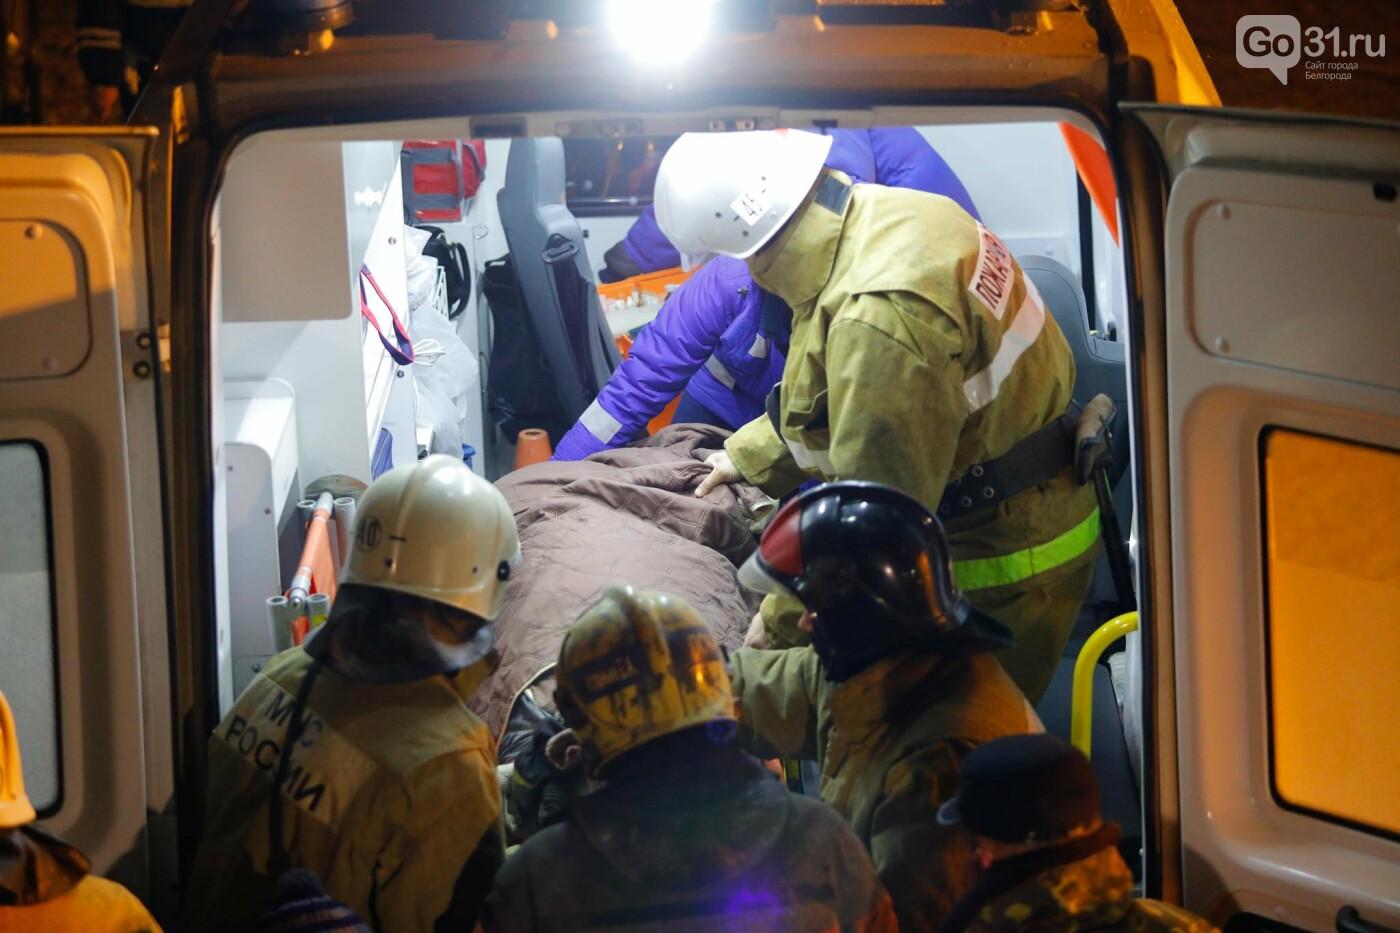 Под завалами разрушенного дома в Белгородской области нашли погибшего. Пострадали еще 6 человек (ФОТО И ПОДРОБНОСТИ), фото-21